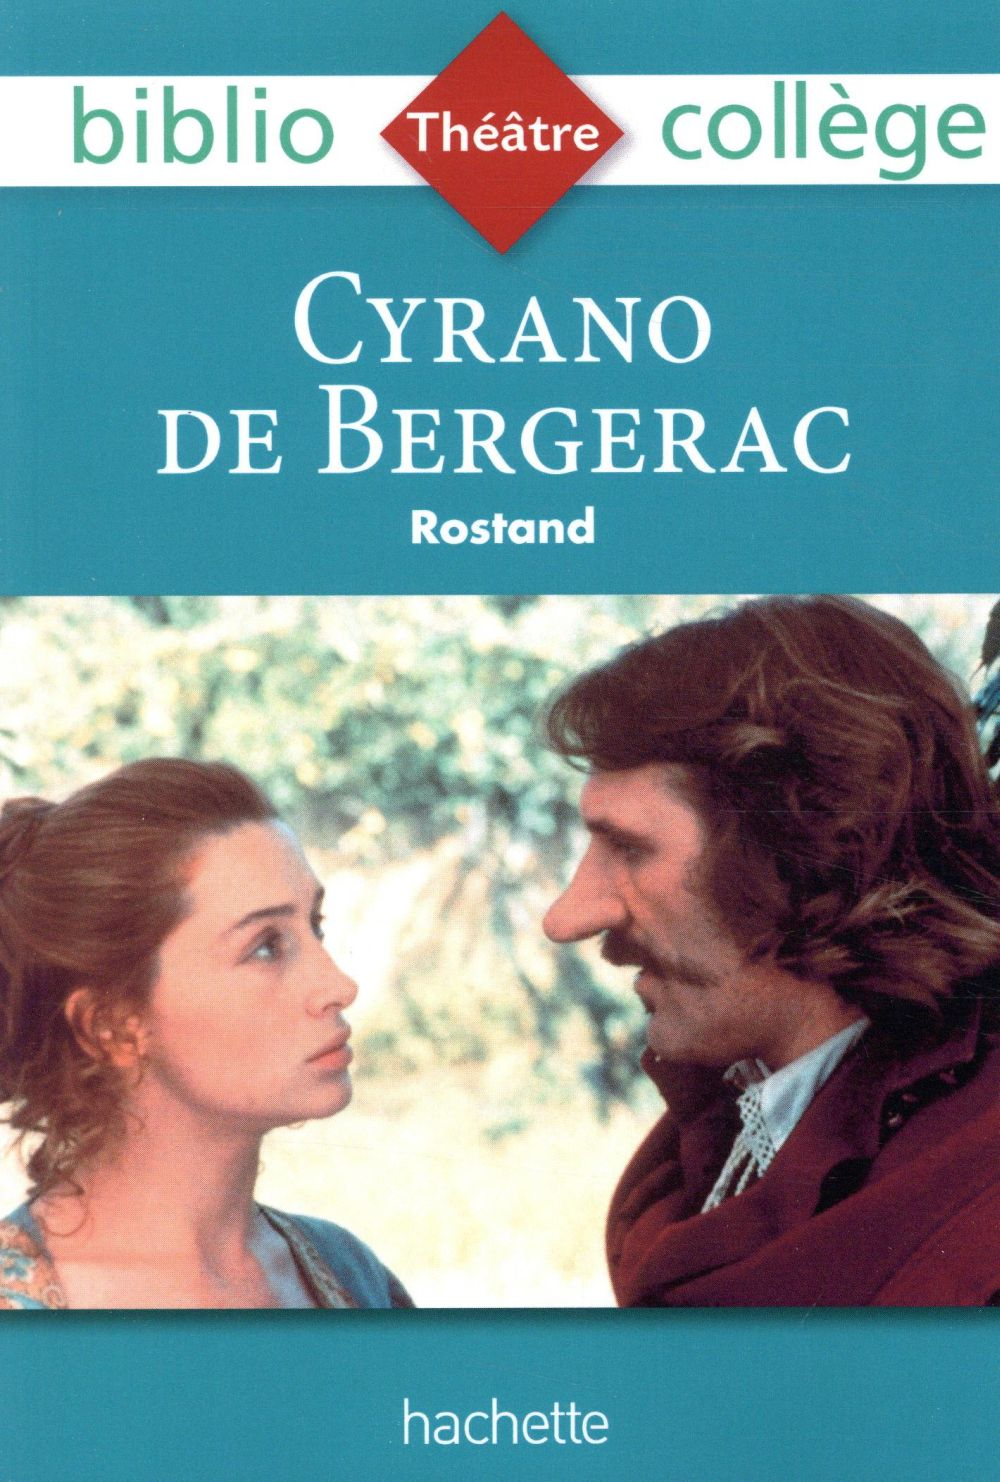 Cyrano de Bergerac, Edmond Rostand